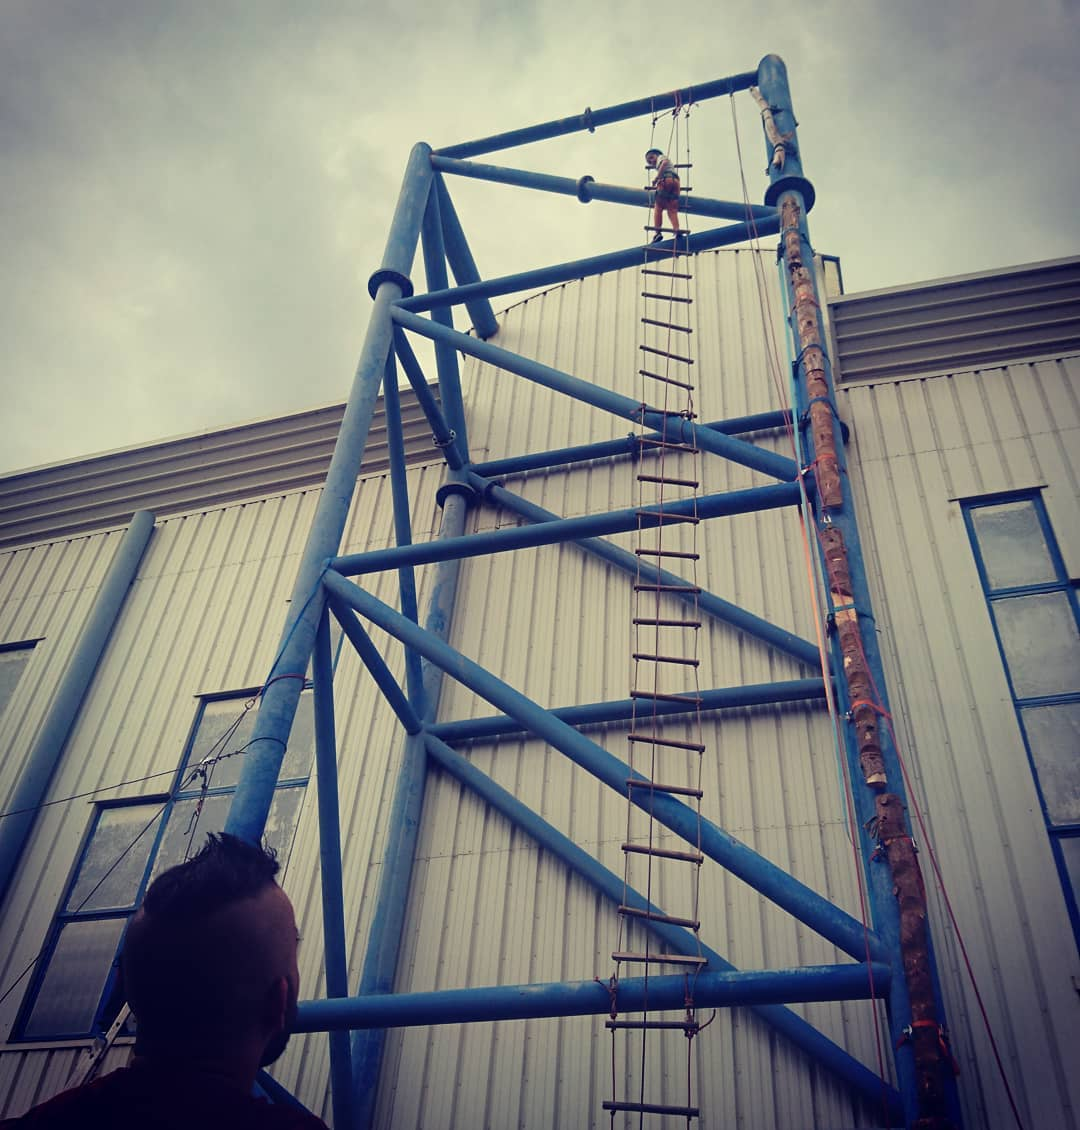 Atelier des échelles, 15m à grimper… En direct de la fête de l'escalade dans le / juste au pied du